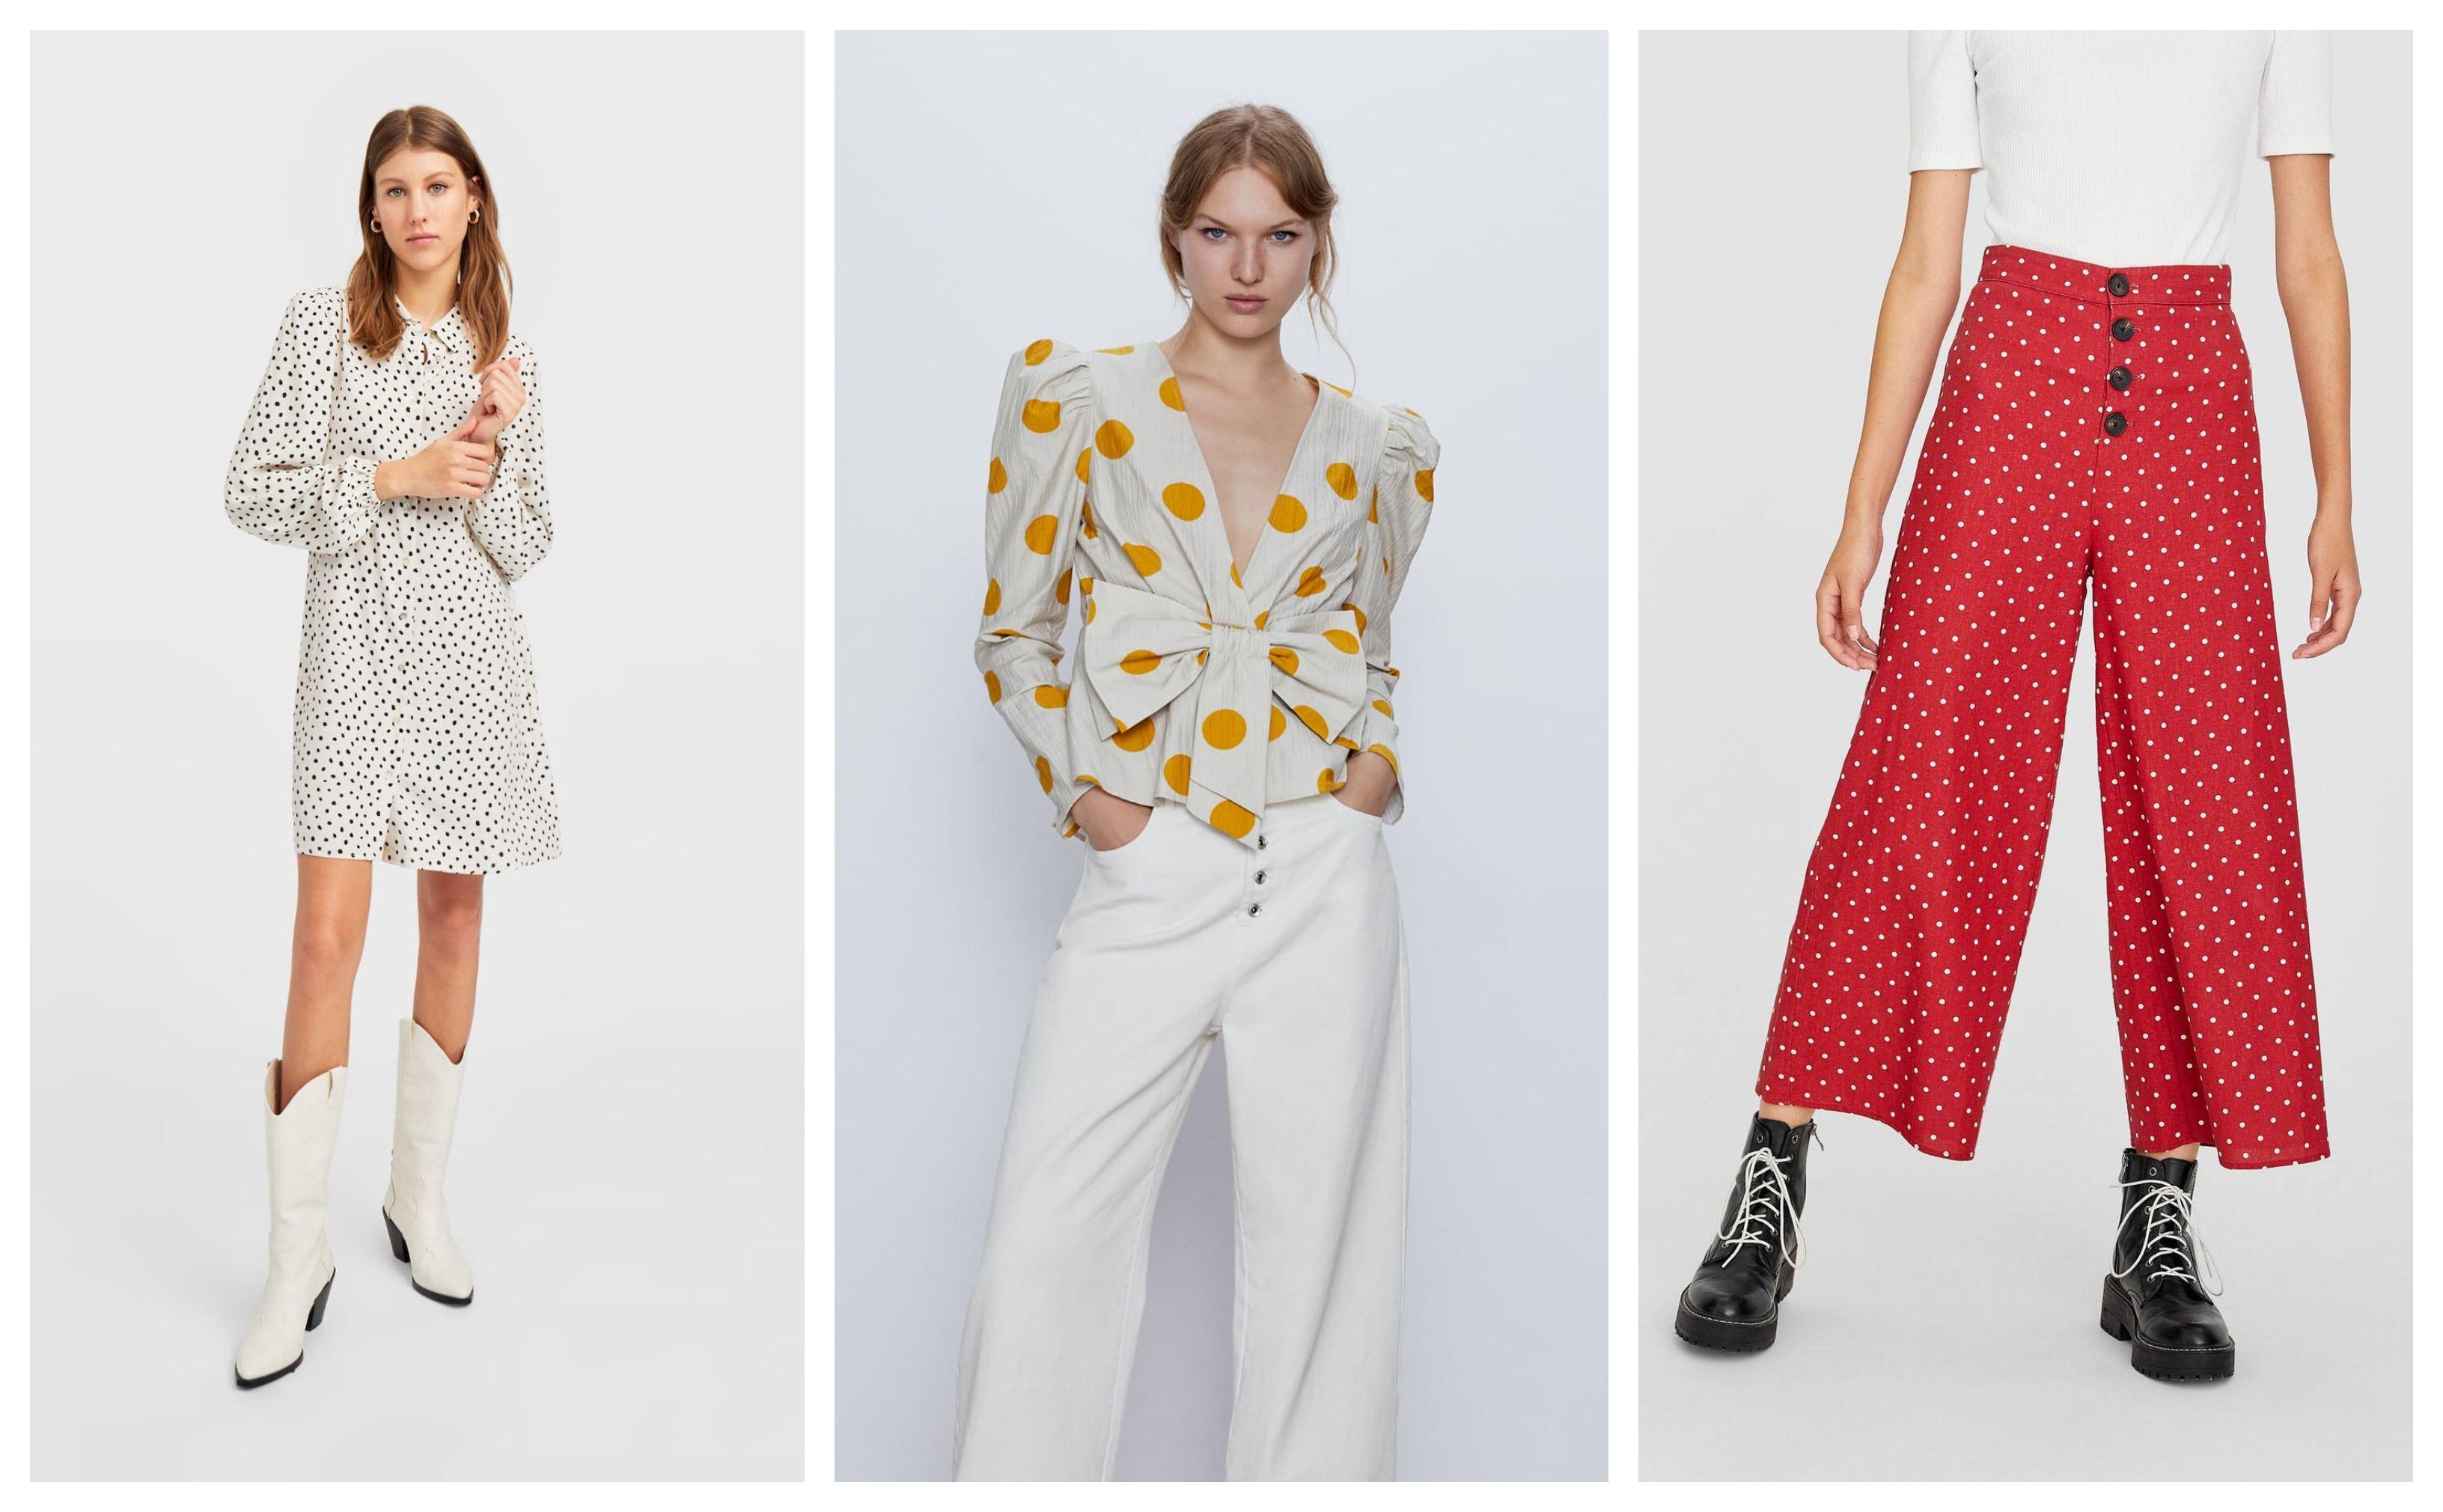 Haljine, bluze, hlače... Nove kolekcije u high street dućanima donose točkice na mnogo načina